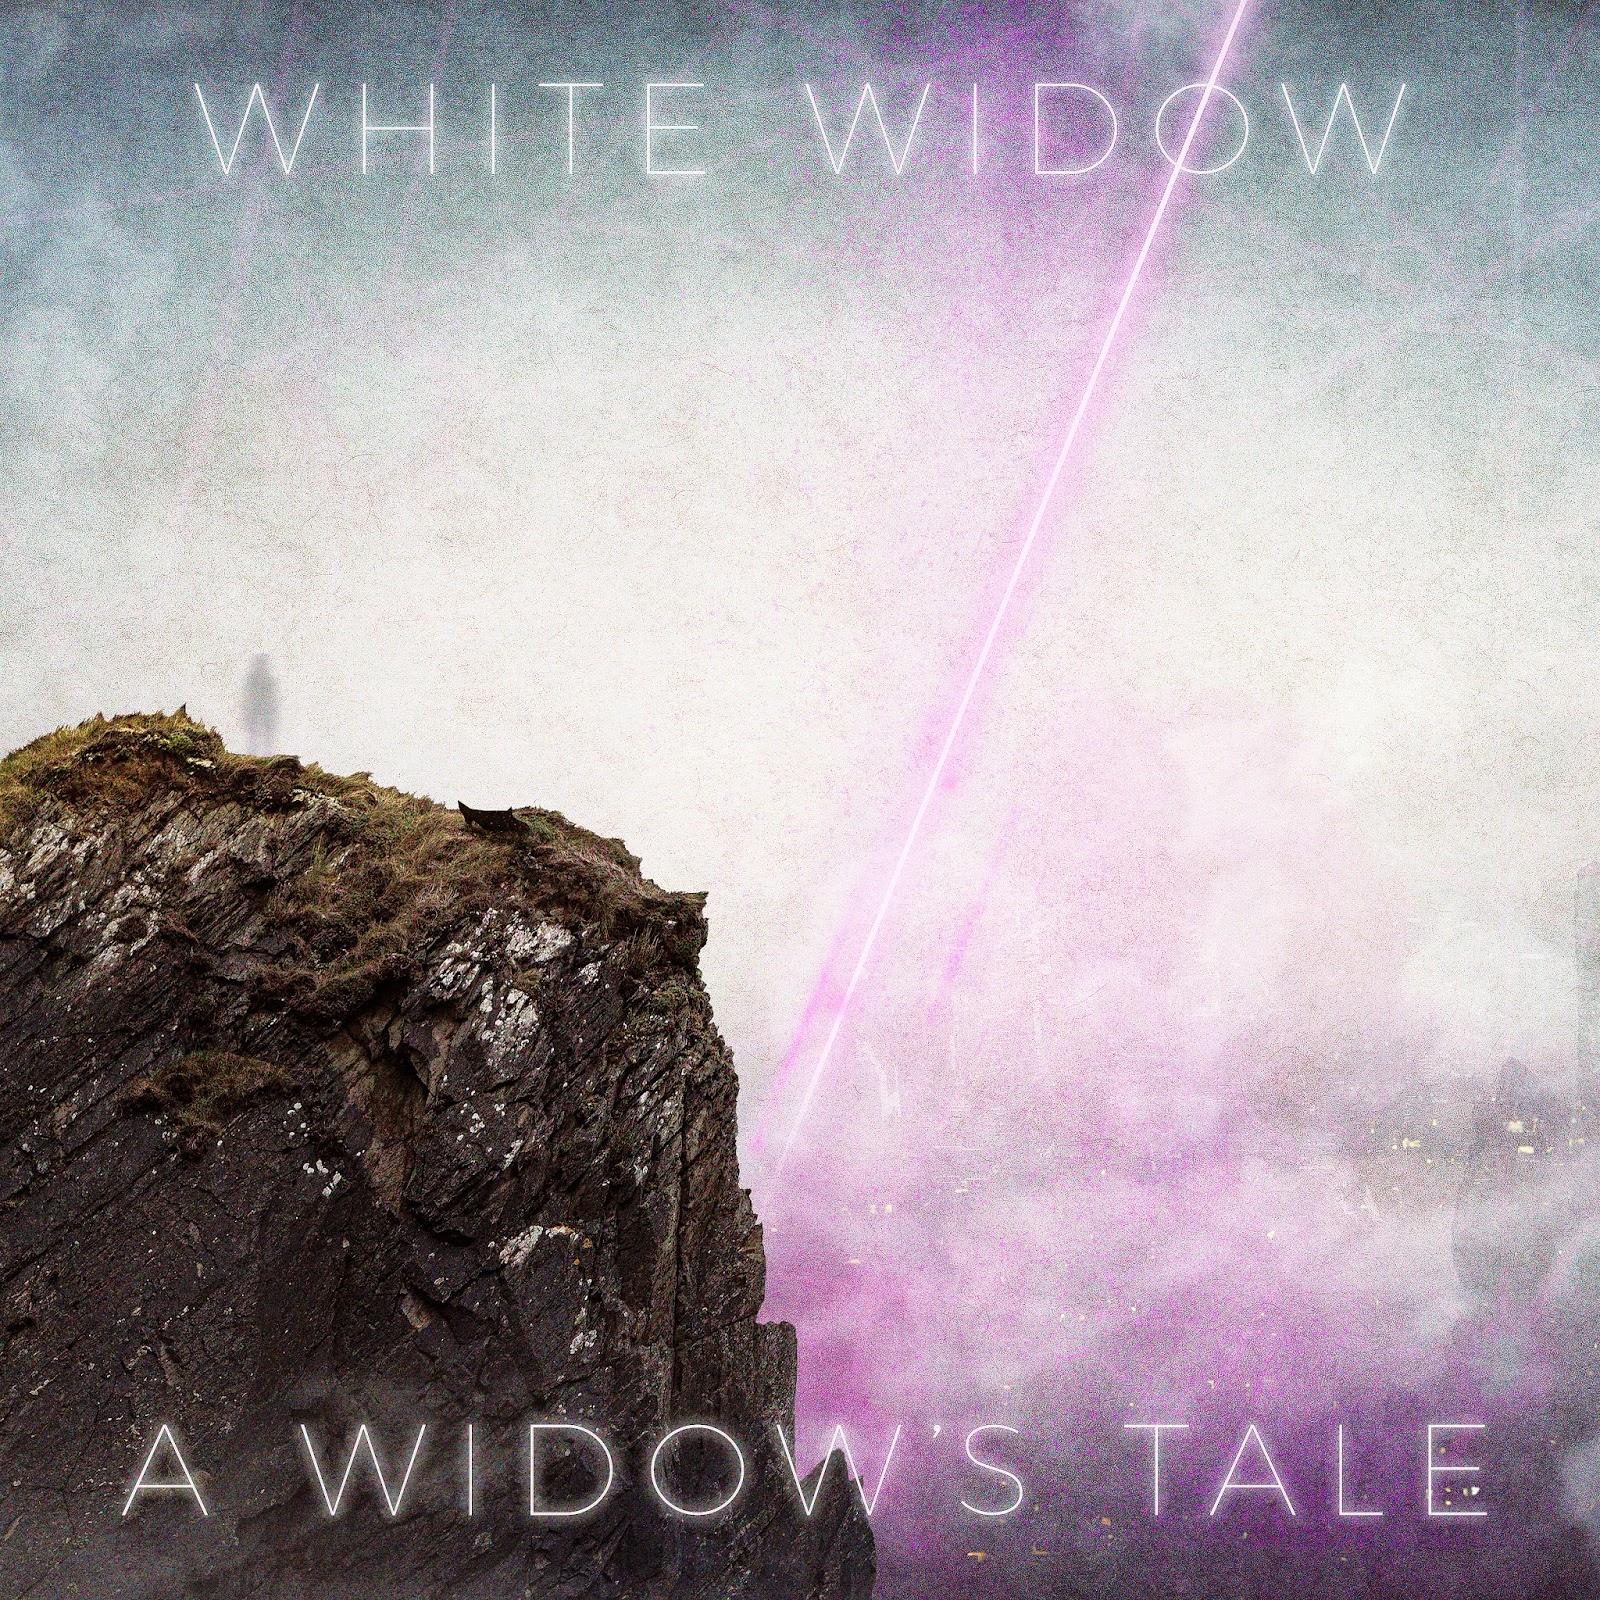 A Widow's Tale White Widow